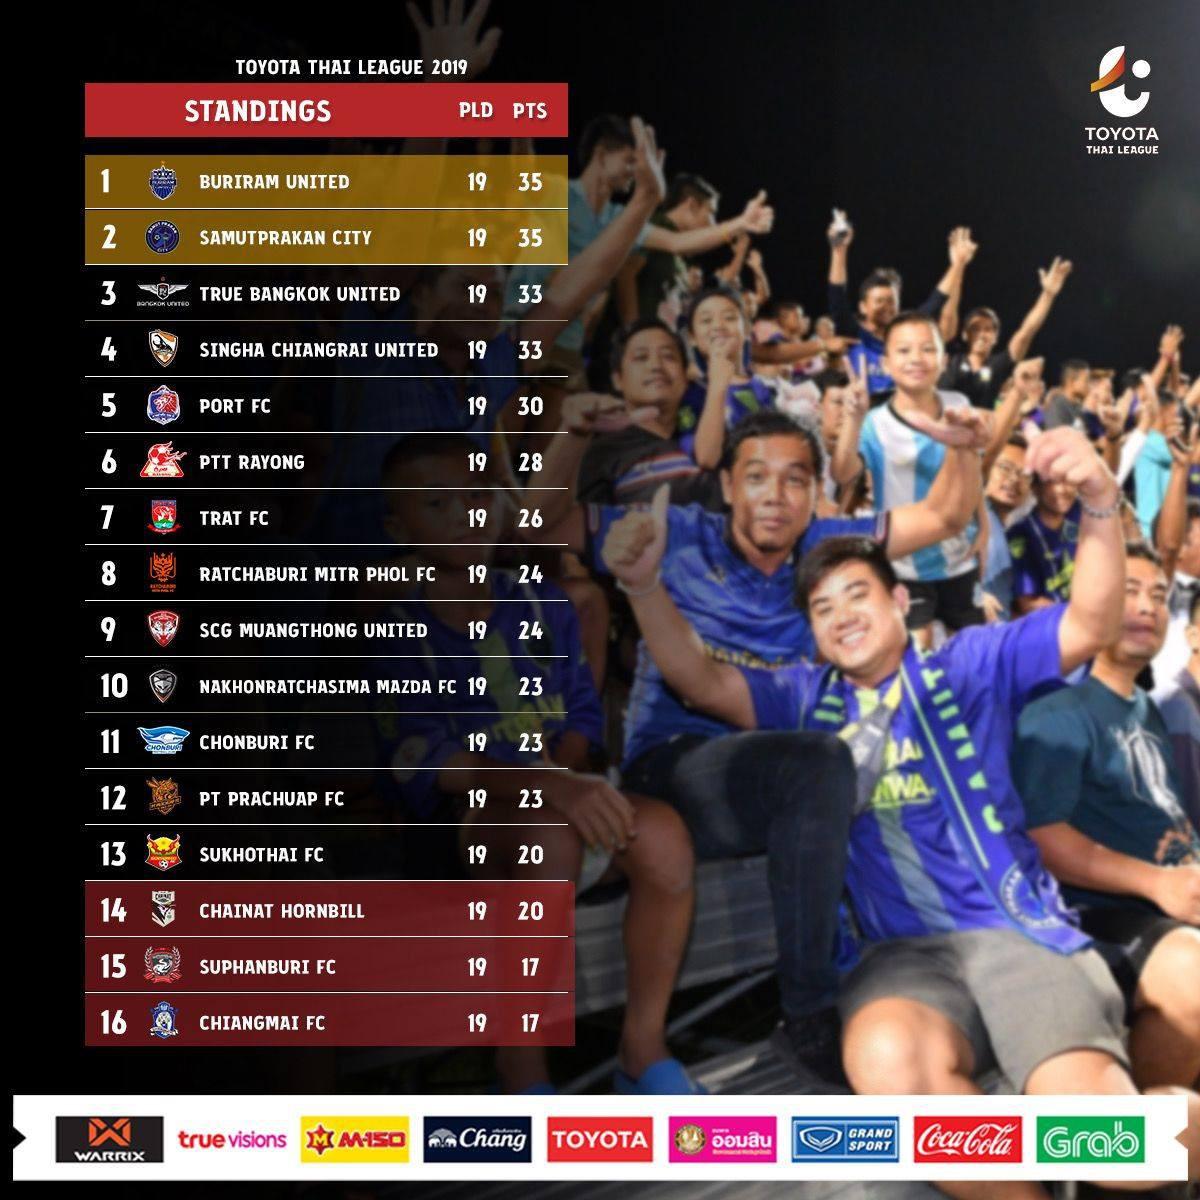 Cản phá như người nhện, ngăn xô xát trên sân, Lâm Tây tiếp tục được vinh danh tại Thai League-3